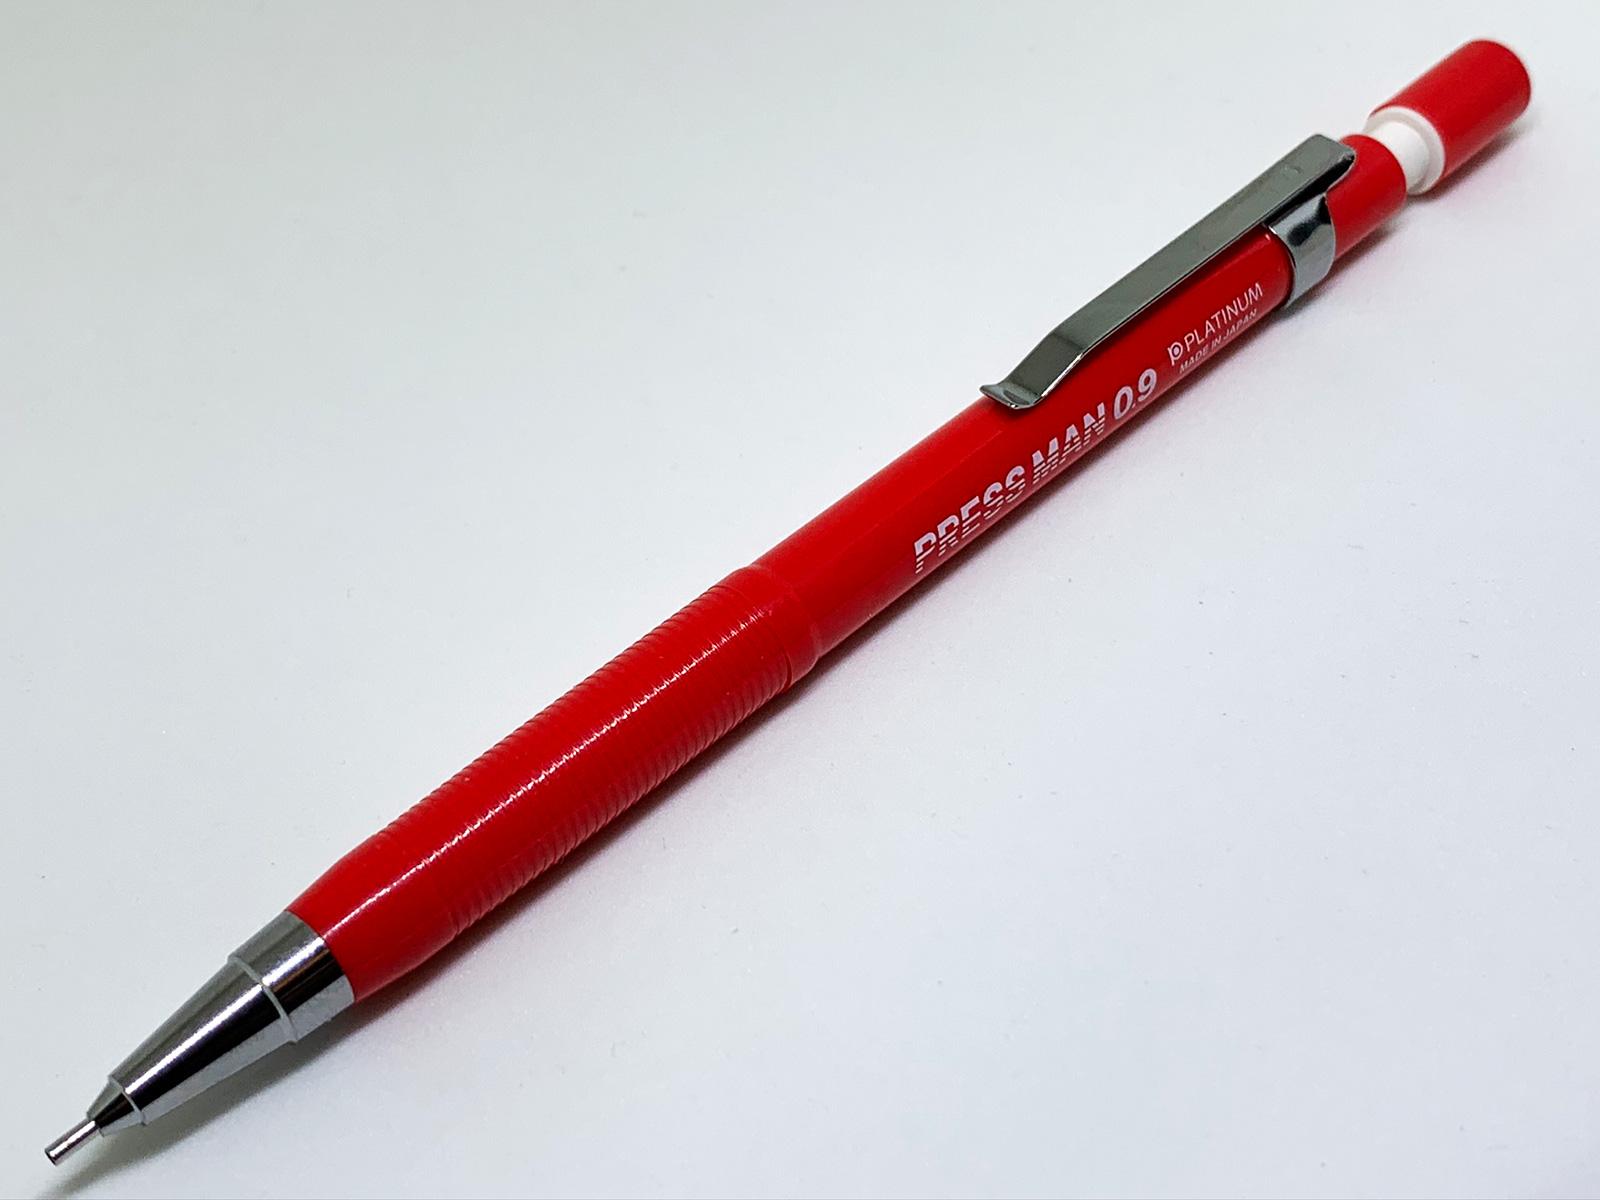 プラチナ万年筆 プレスマン 赤 0.9mm